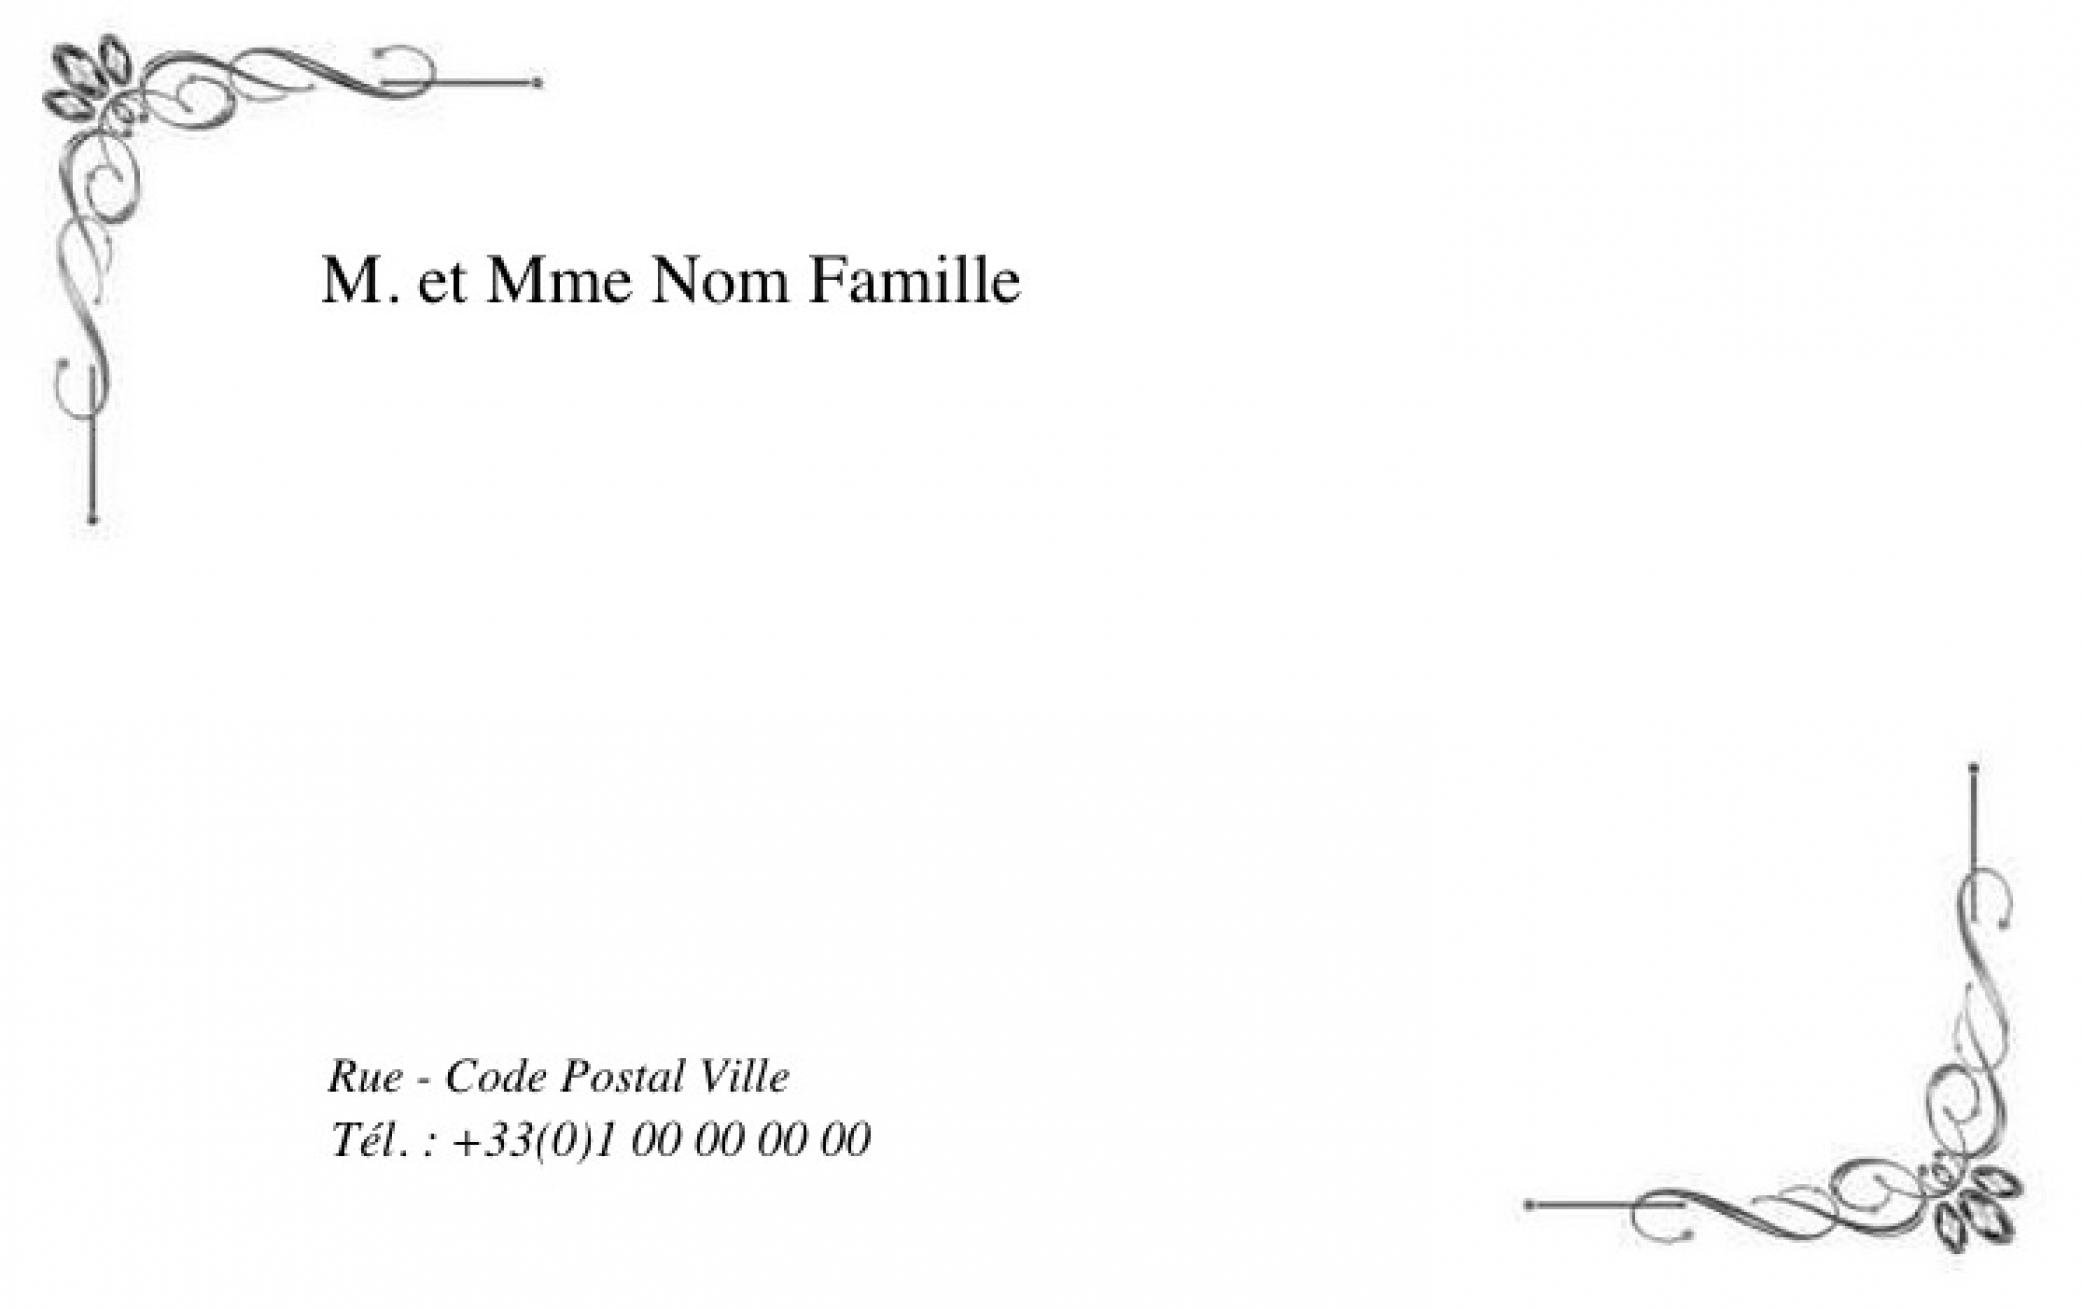 Souvent Pour la famille Grande Cartes de visite Familliale Modèle en Ligne AG03